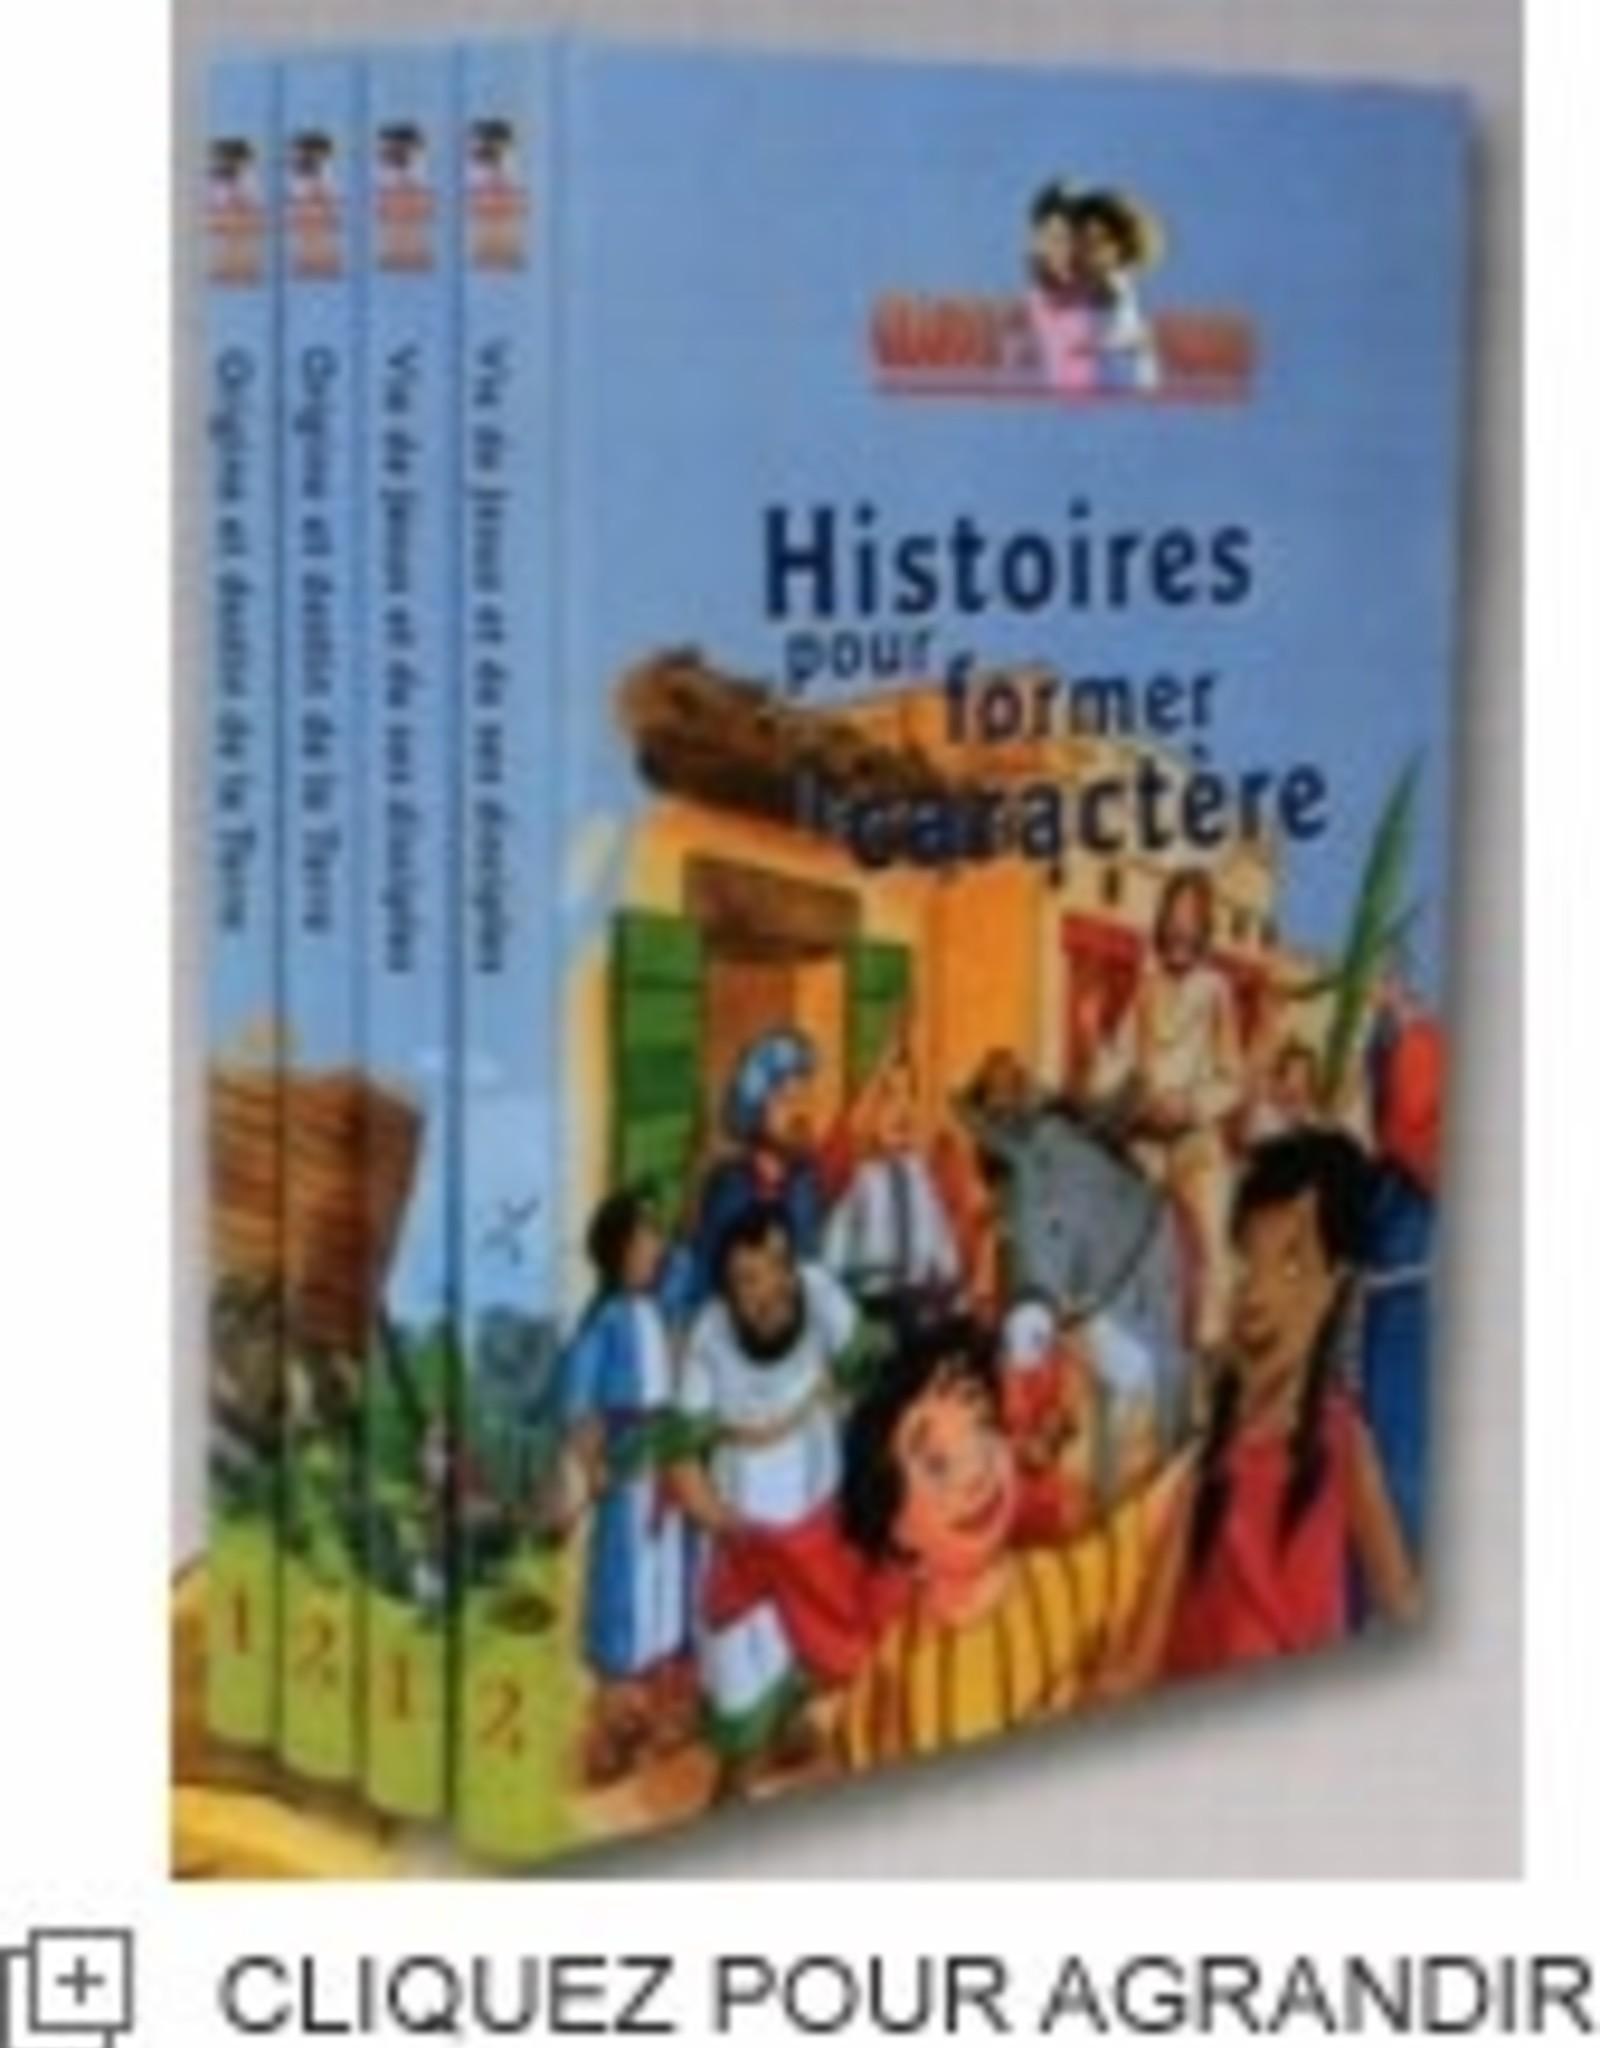 Grandir avec des valeurs Histoires pour former le caractère (set of 2)